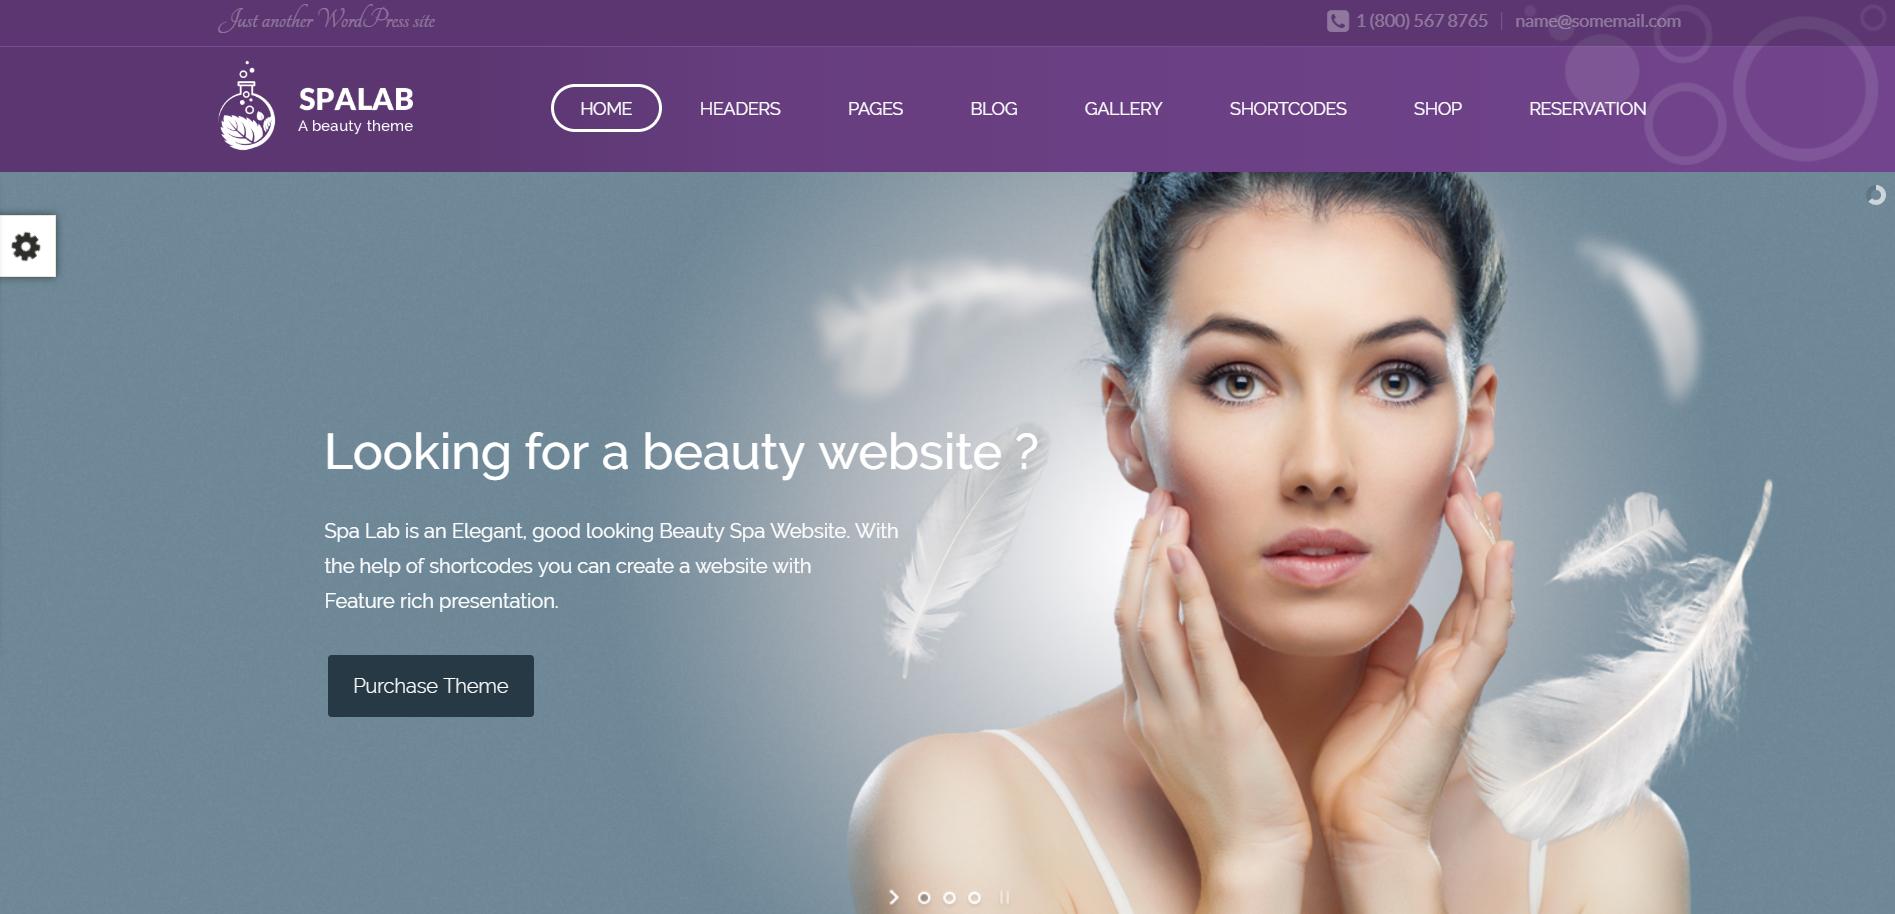 3. Spa Lab Beauty Spa, Health Spa Theme